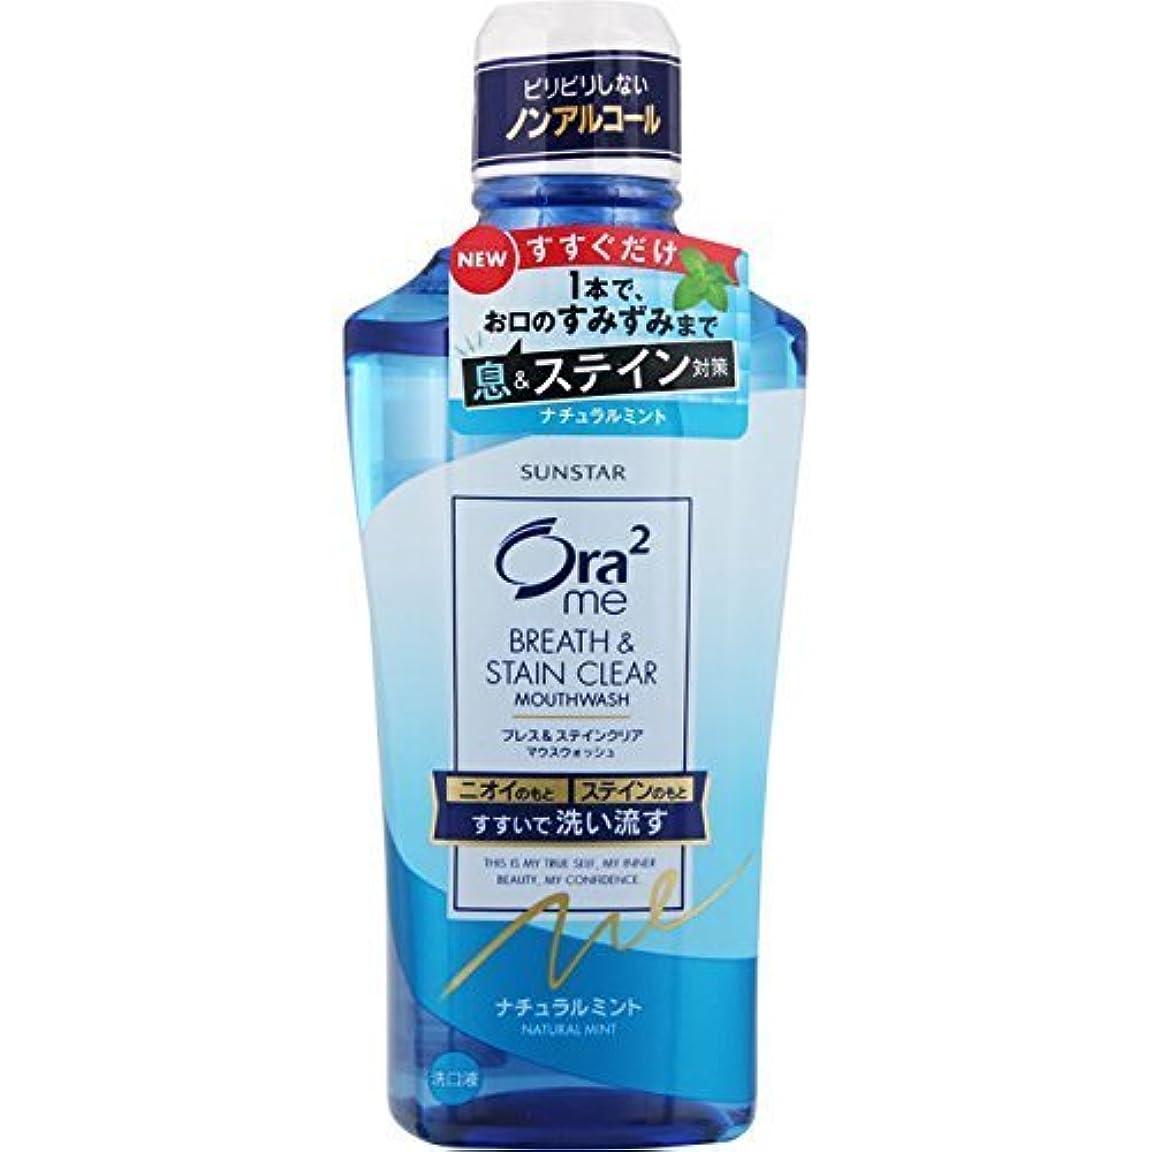 遅らせる香水付与Ora2(オーラツー) ミーマウスウォッシュ ステインクリア 洗口液[ ナチュラルミント ]